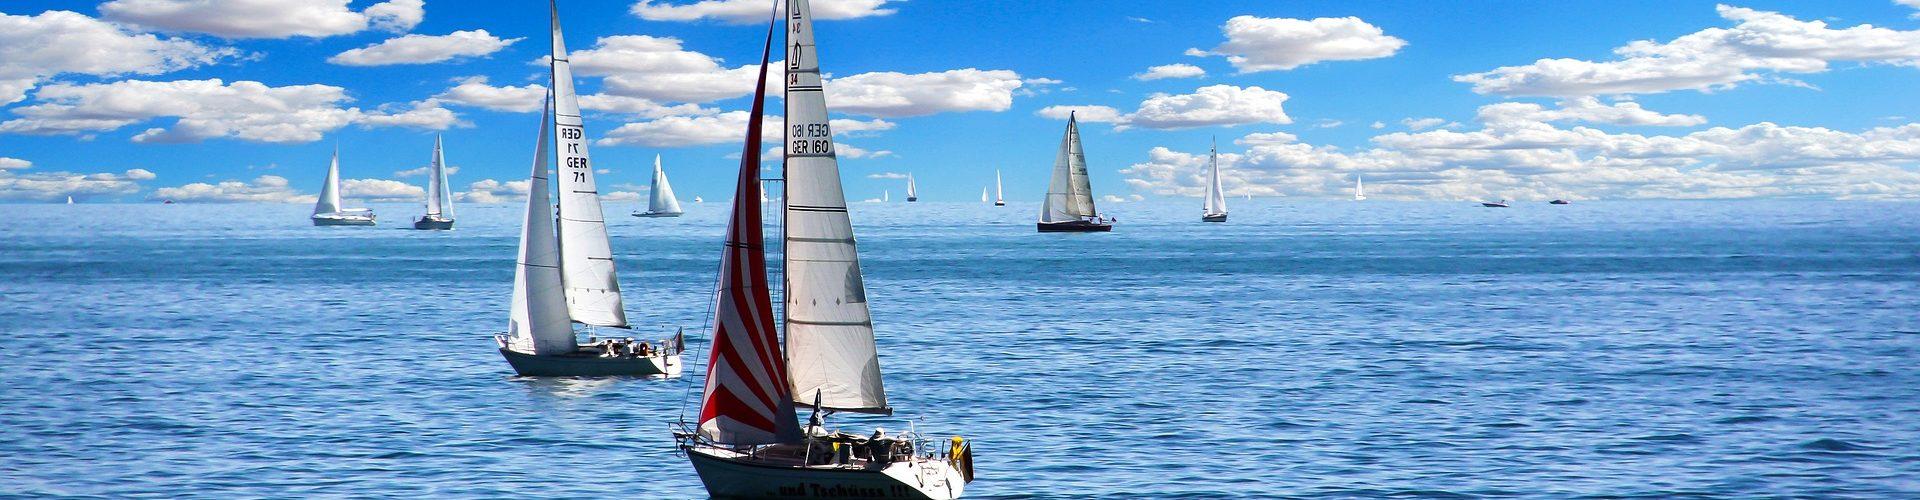 segeln lernen in Waiblingen segelschein machen in Waiblingen 1920x500 - Segeln lernen in Waiblingen